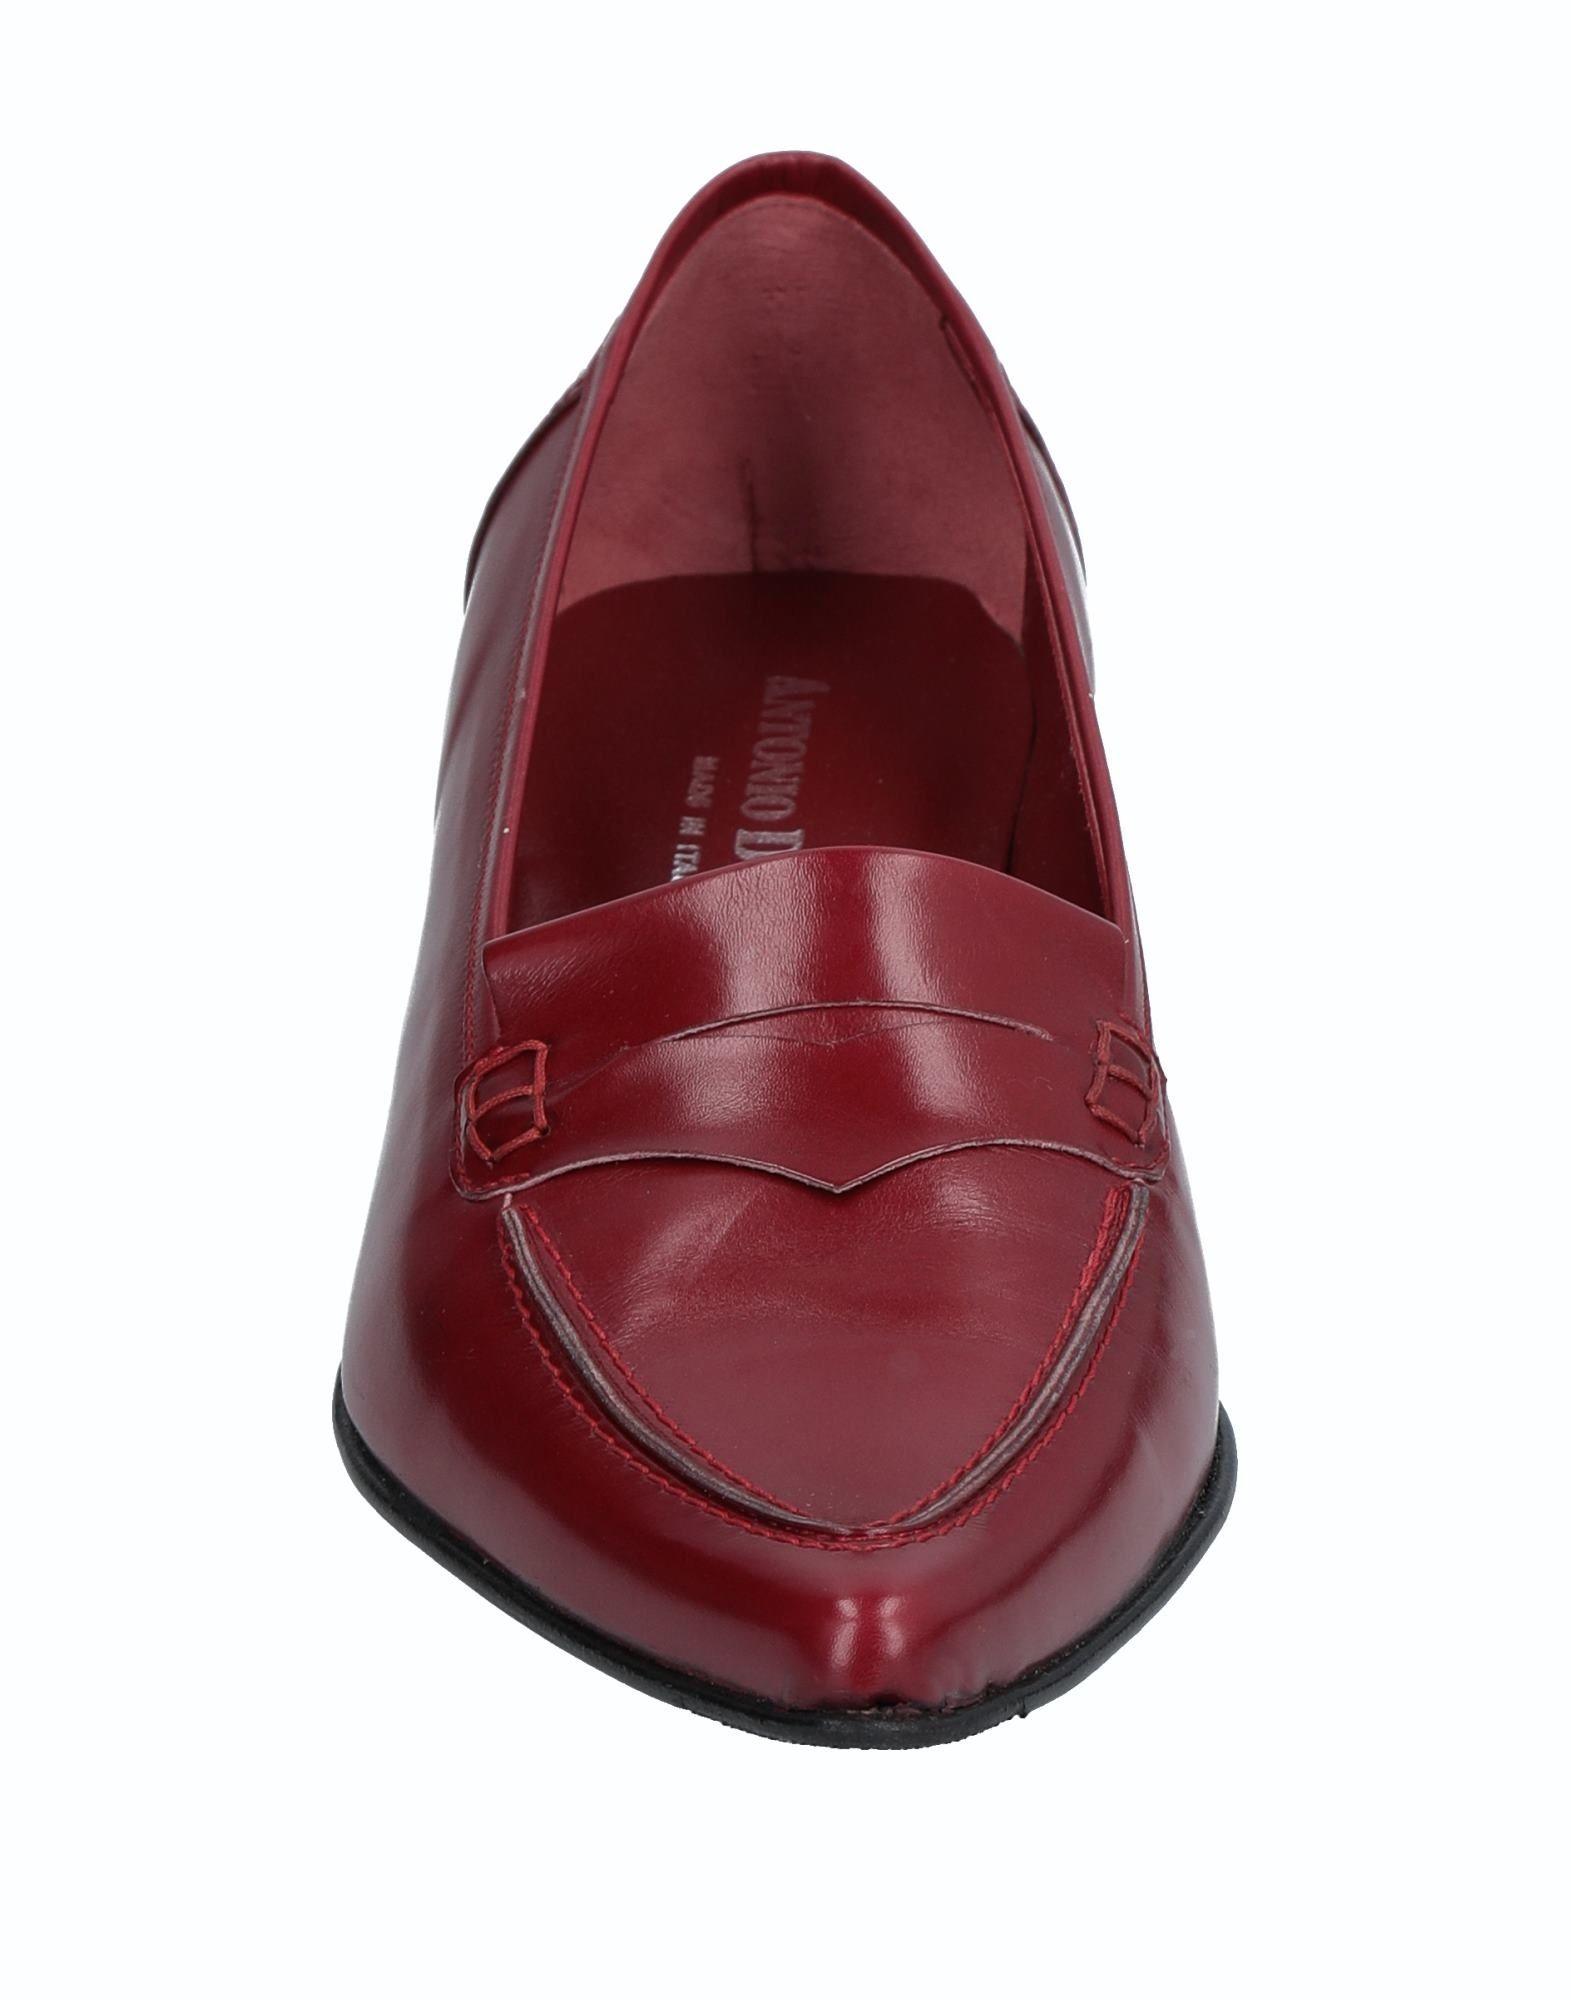 Antonio De Luca Mokassins beliebte Damen  11520434RL Gute Qualität beliebte Mokassins Schuhe beb70a